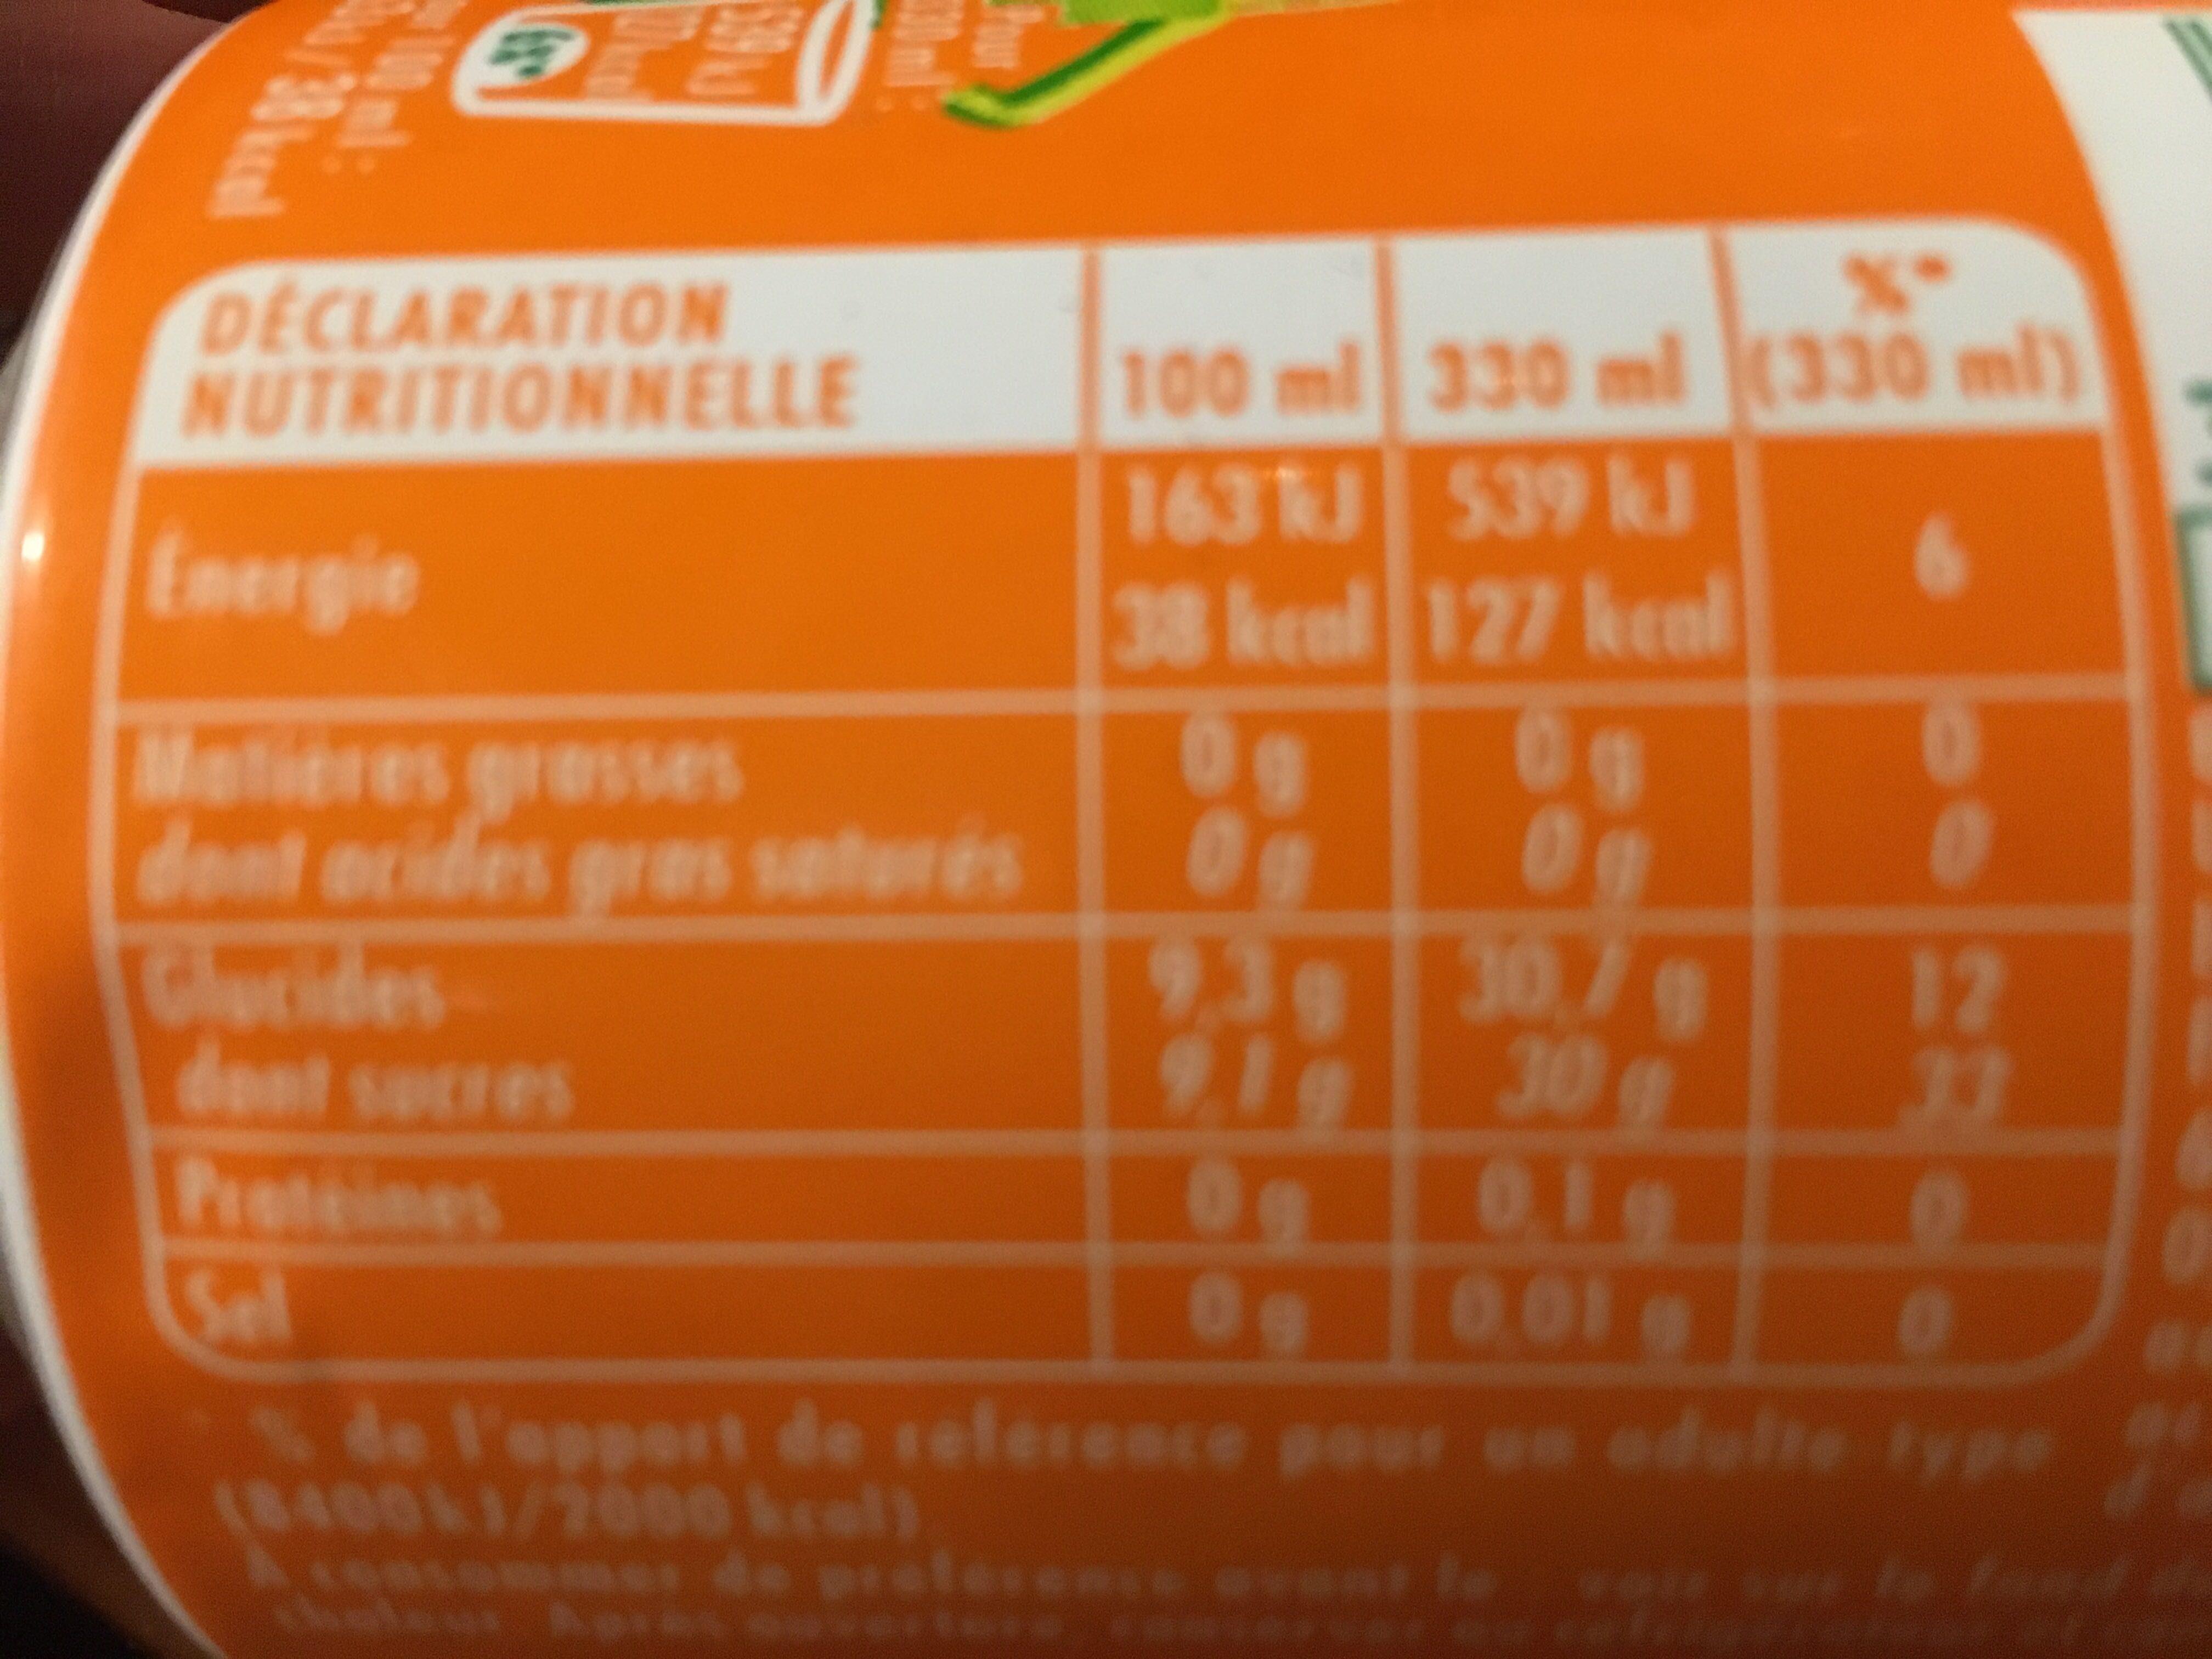 Pomegranate & Orange - Product - fr